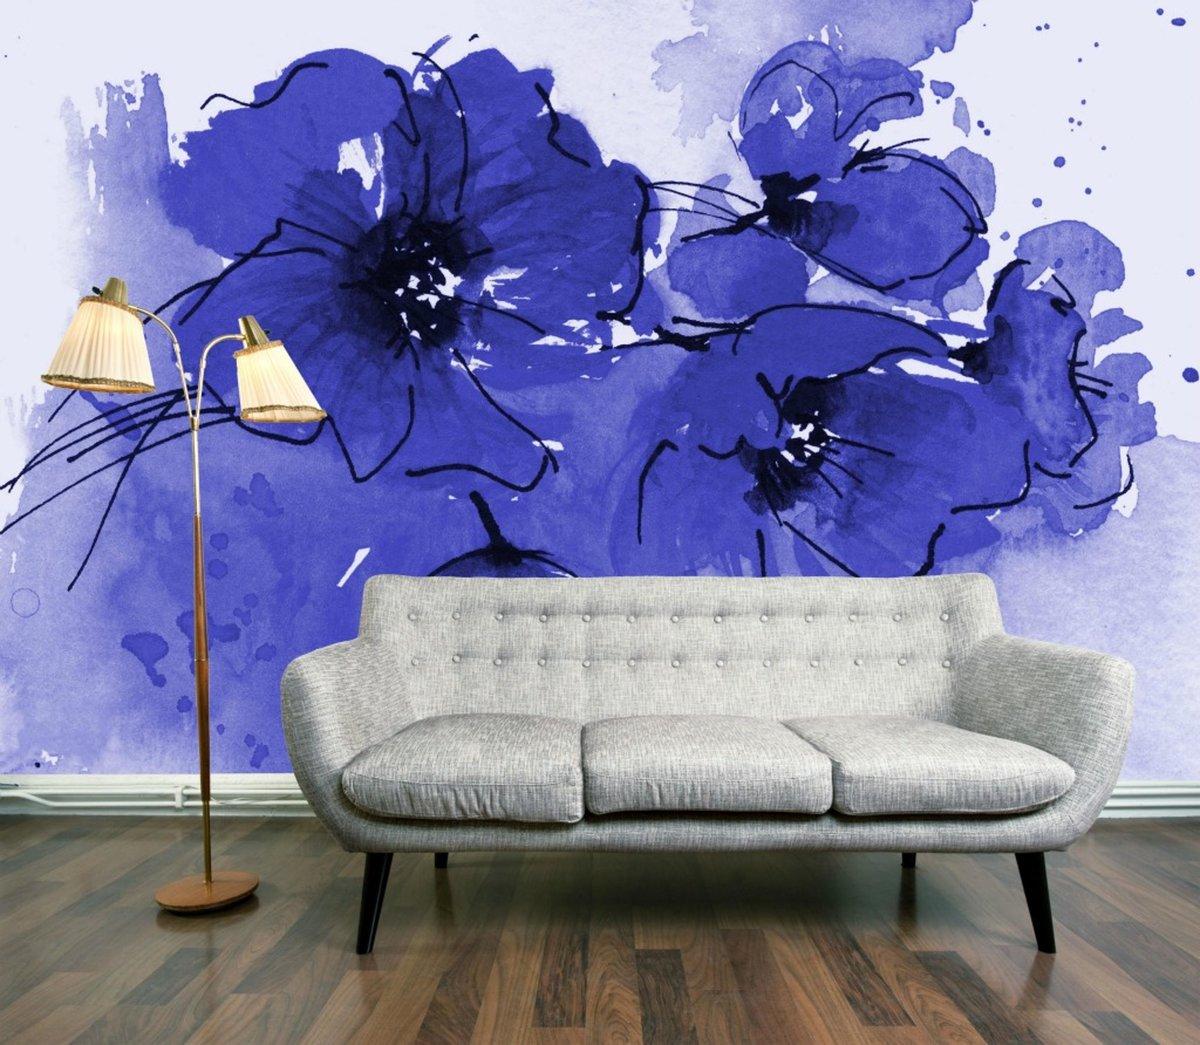 Картинка на стене рисунок, мультфильмов диснея печатать